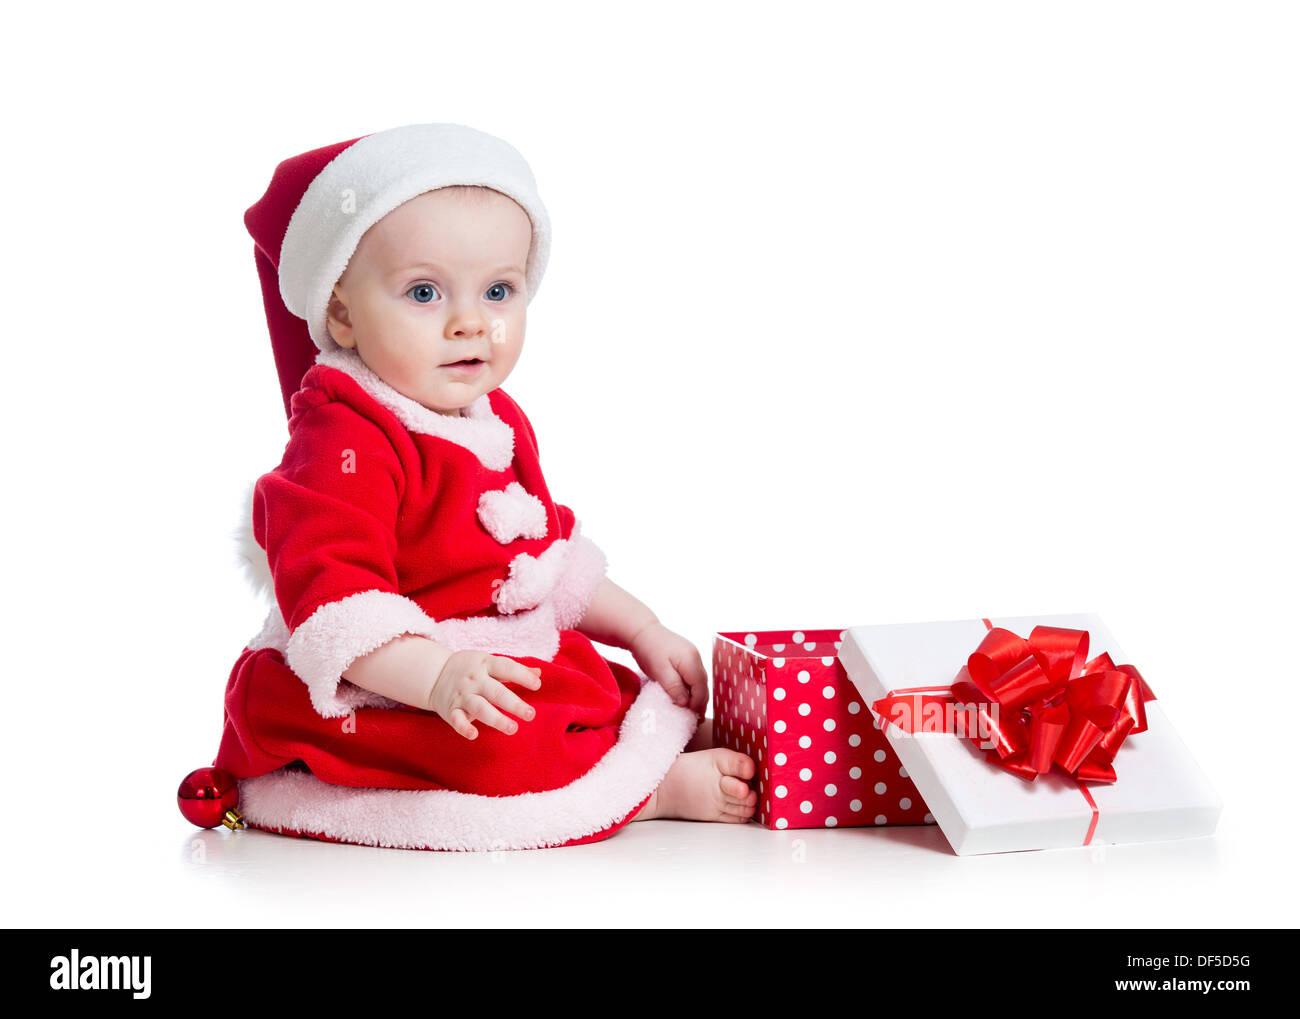 X-mas baby girl Abrir caja de regalo aislado sobre fondo blanco. Imagen De Stock